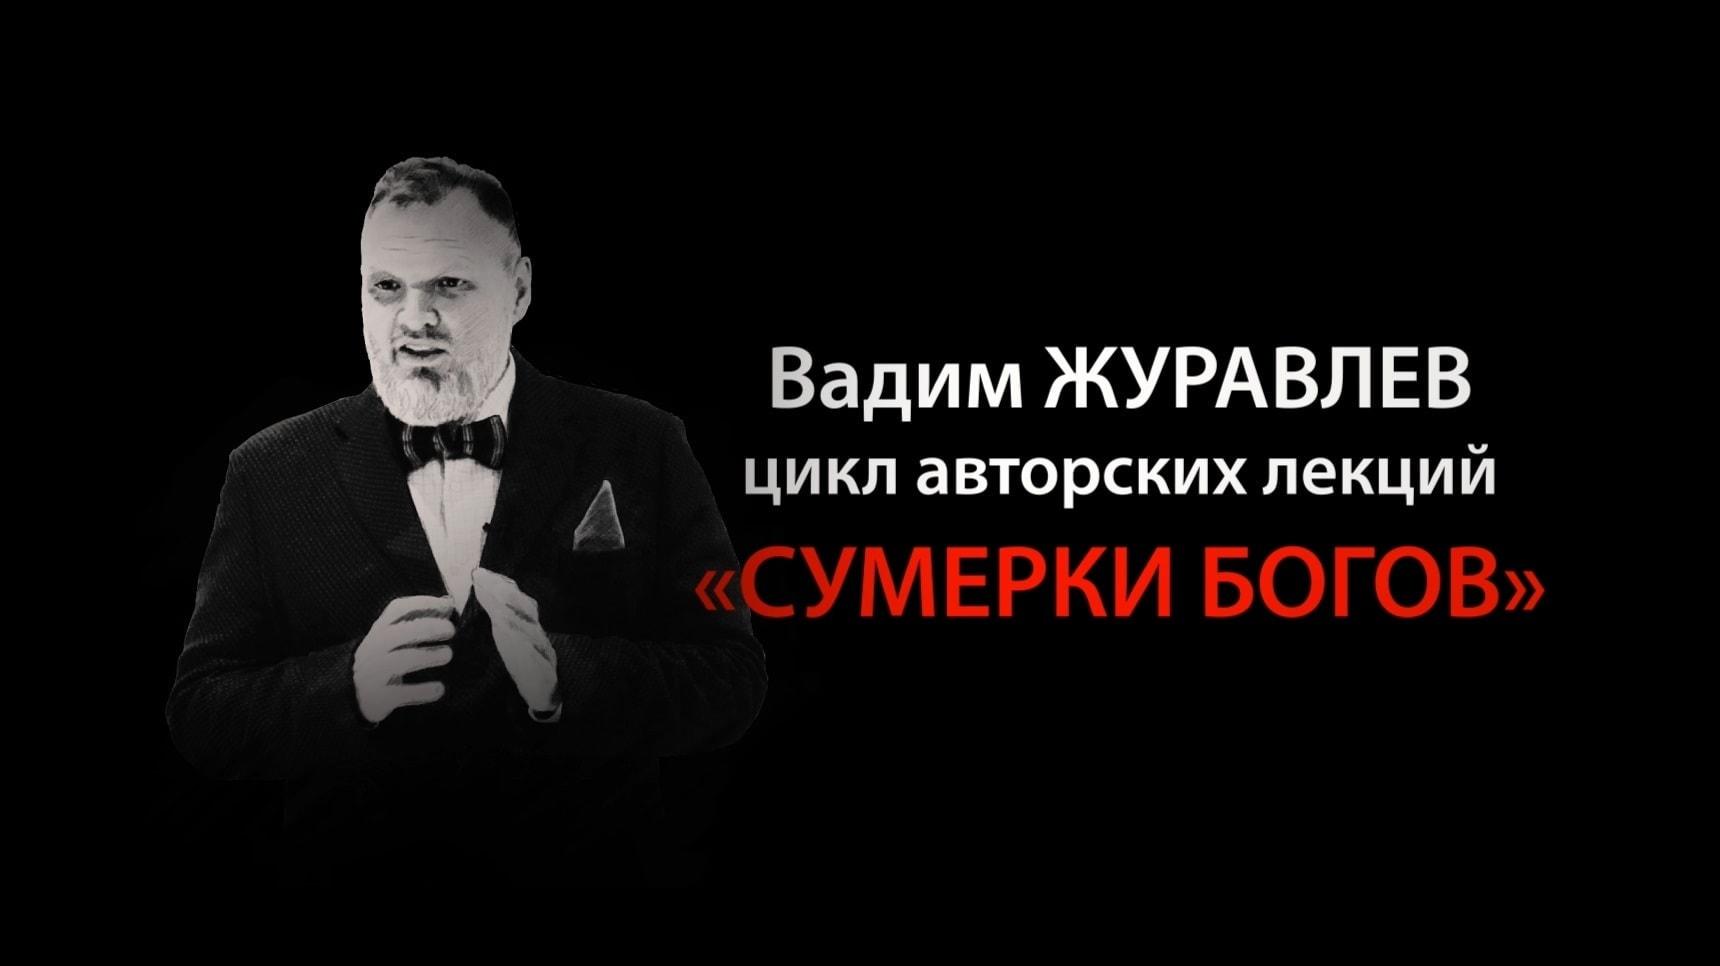 Вадим Журавлев. Цикл авторских лекций «Сумерки богов»